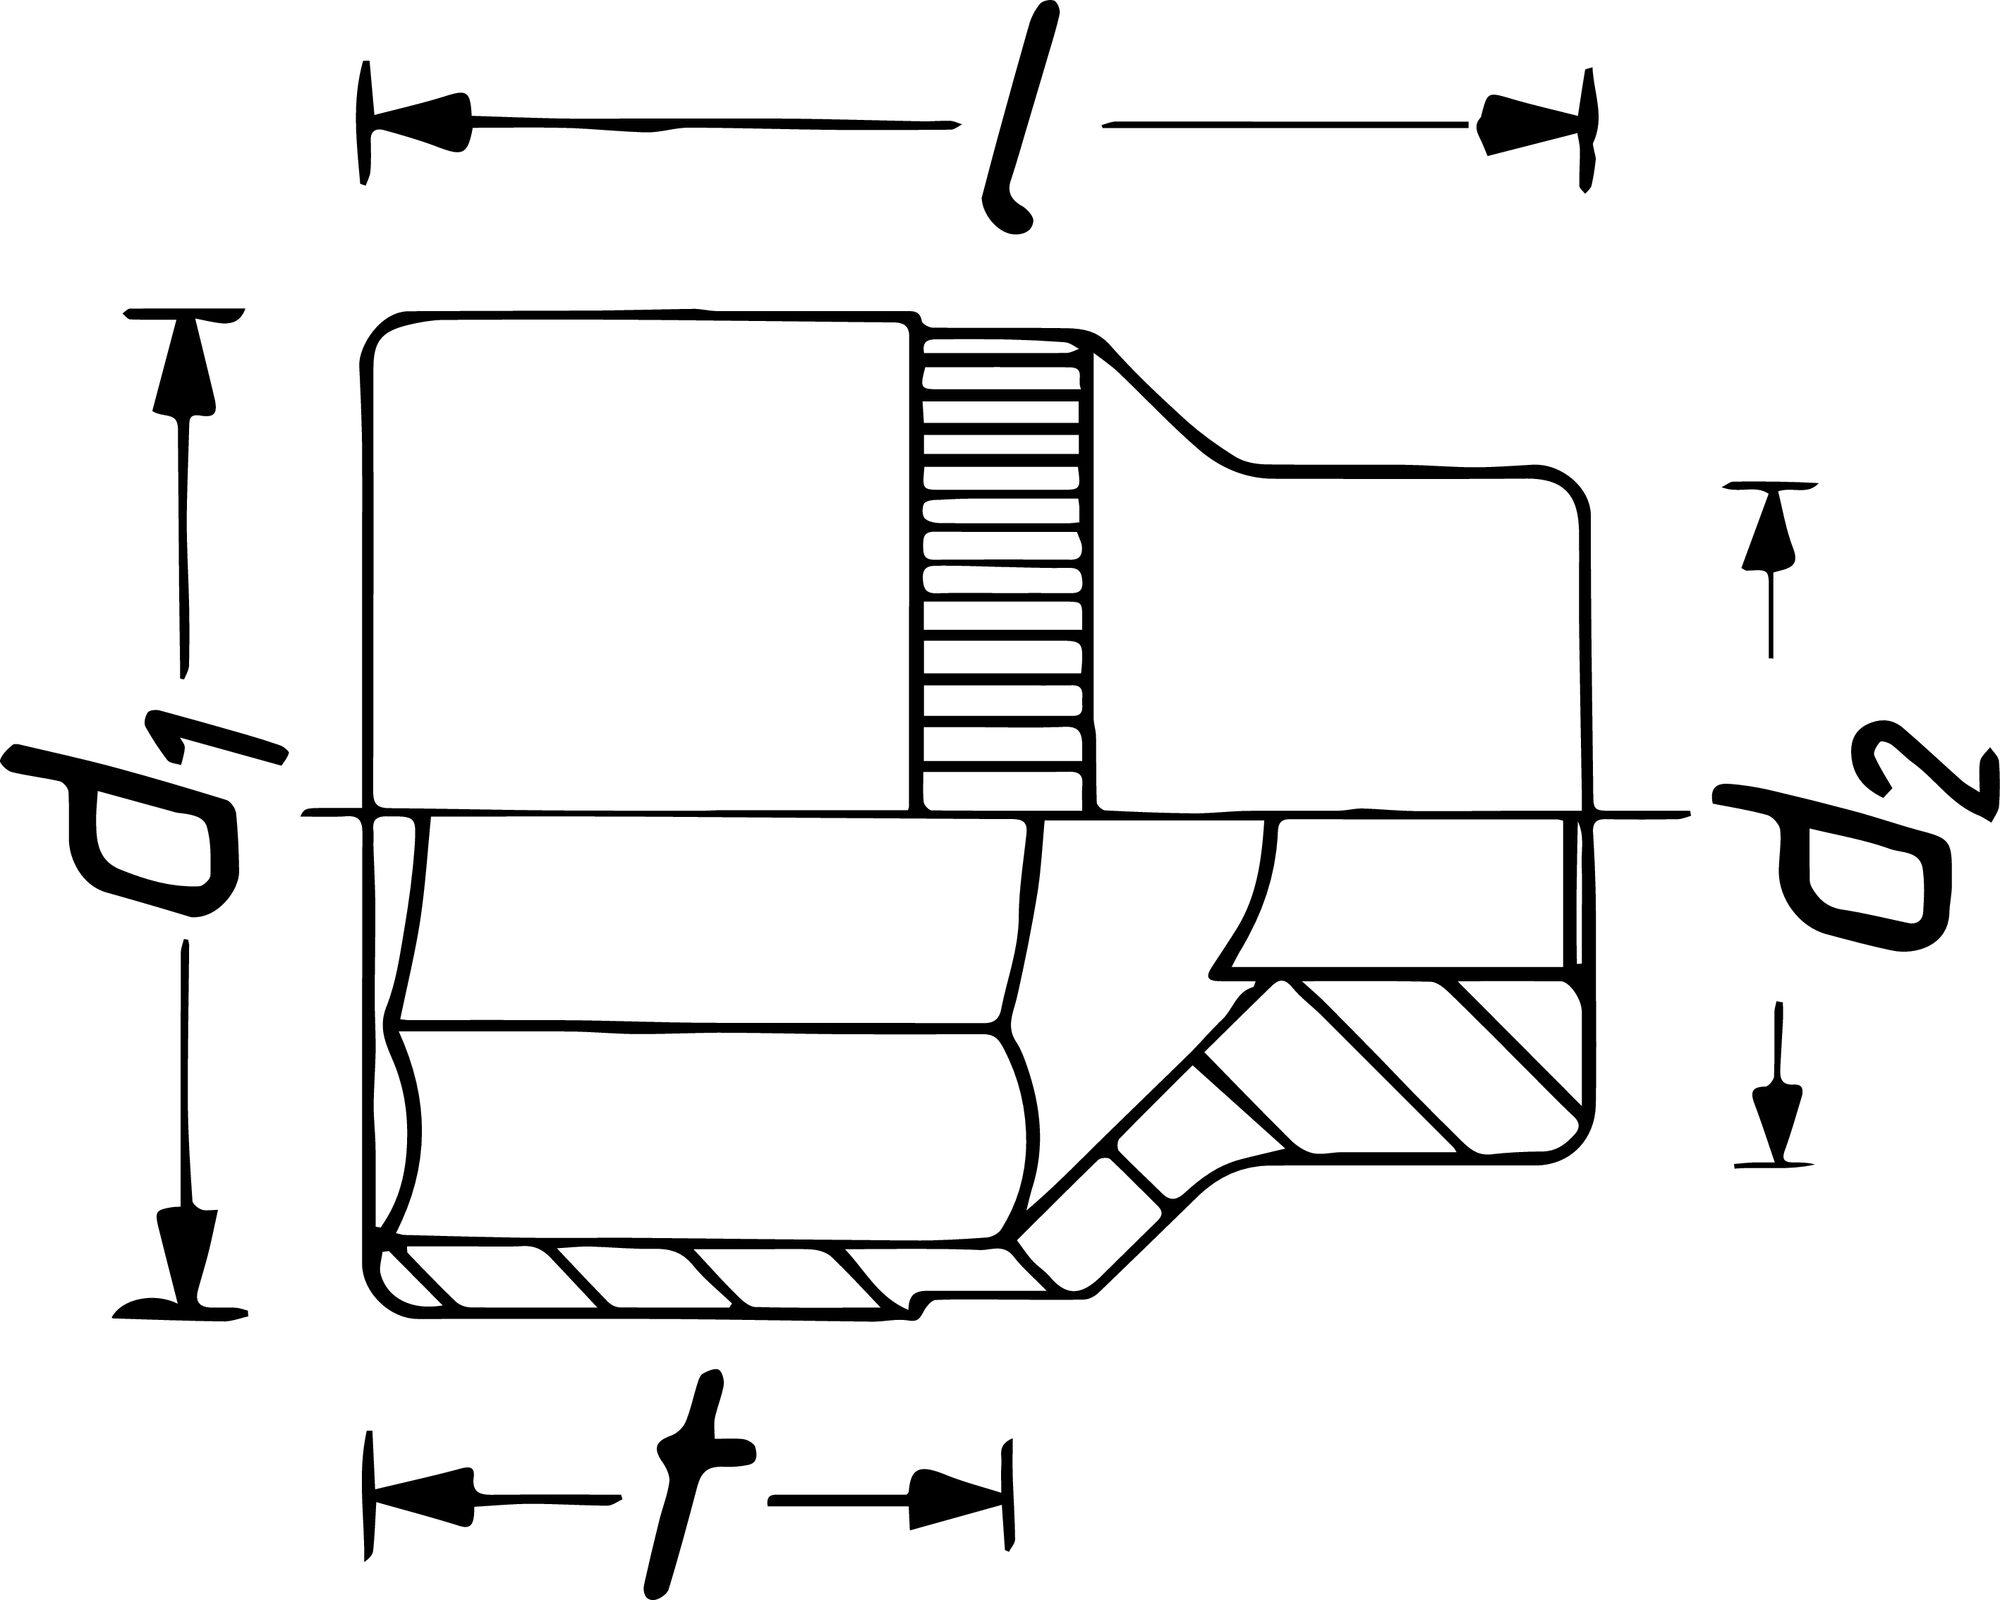 HAZET Steckschlüsseleinsatz ∙ Doppelsechskant 1100Z-75 ∙ Vierkant hohl 25 mm (1 Zoll) ∙ Außen-Doppel-Sechskant Profil